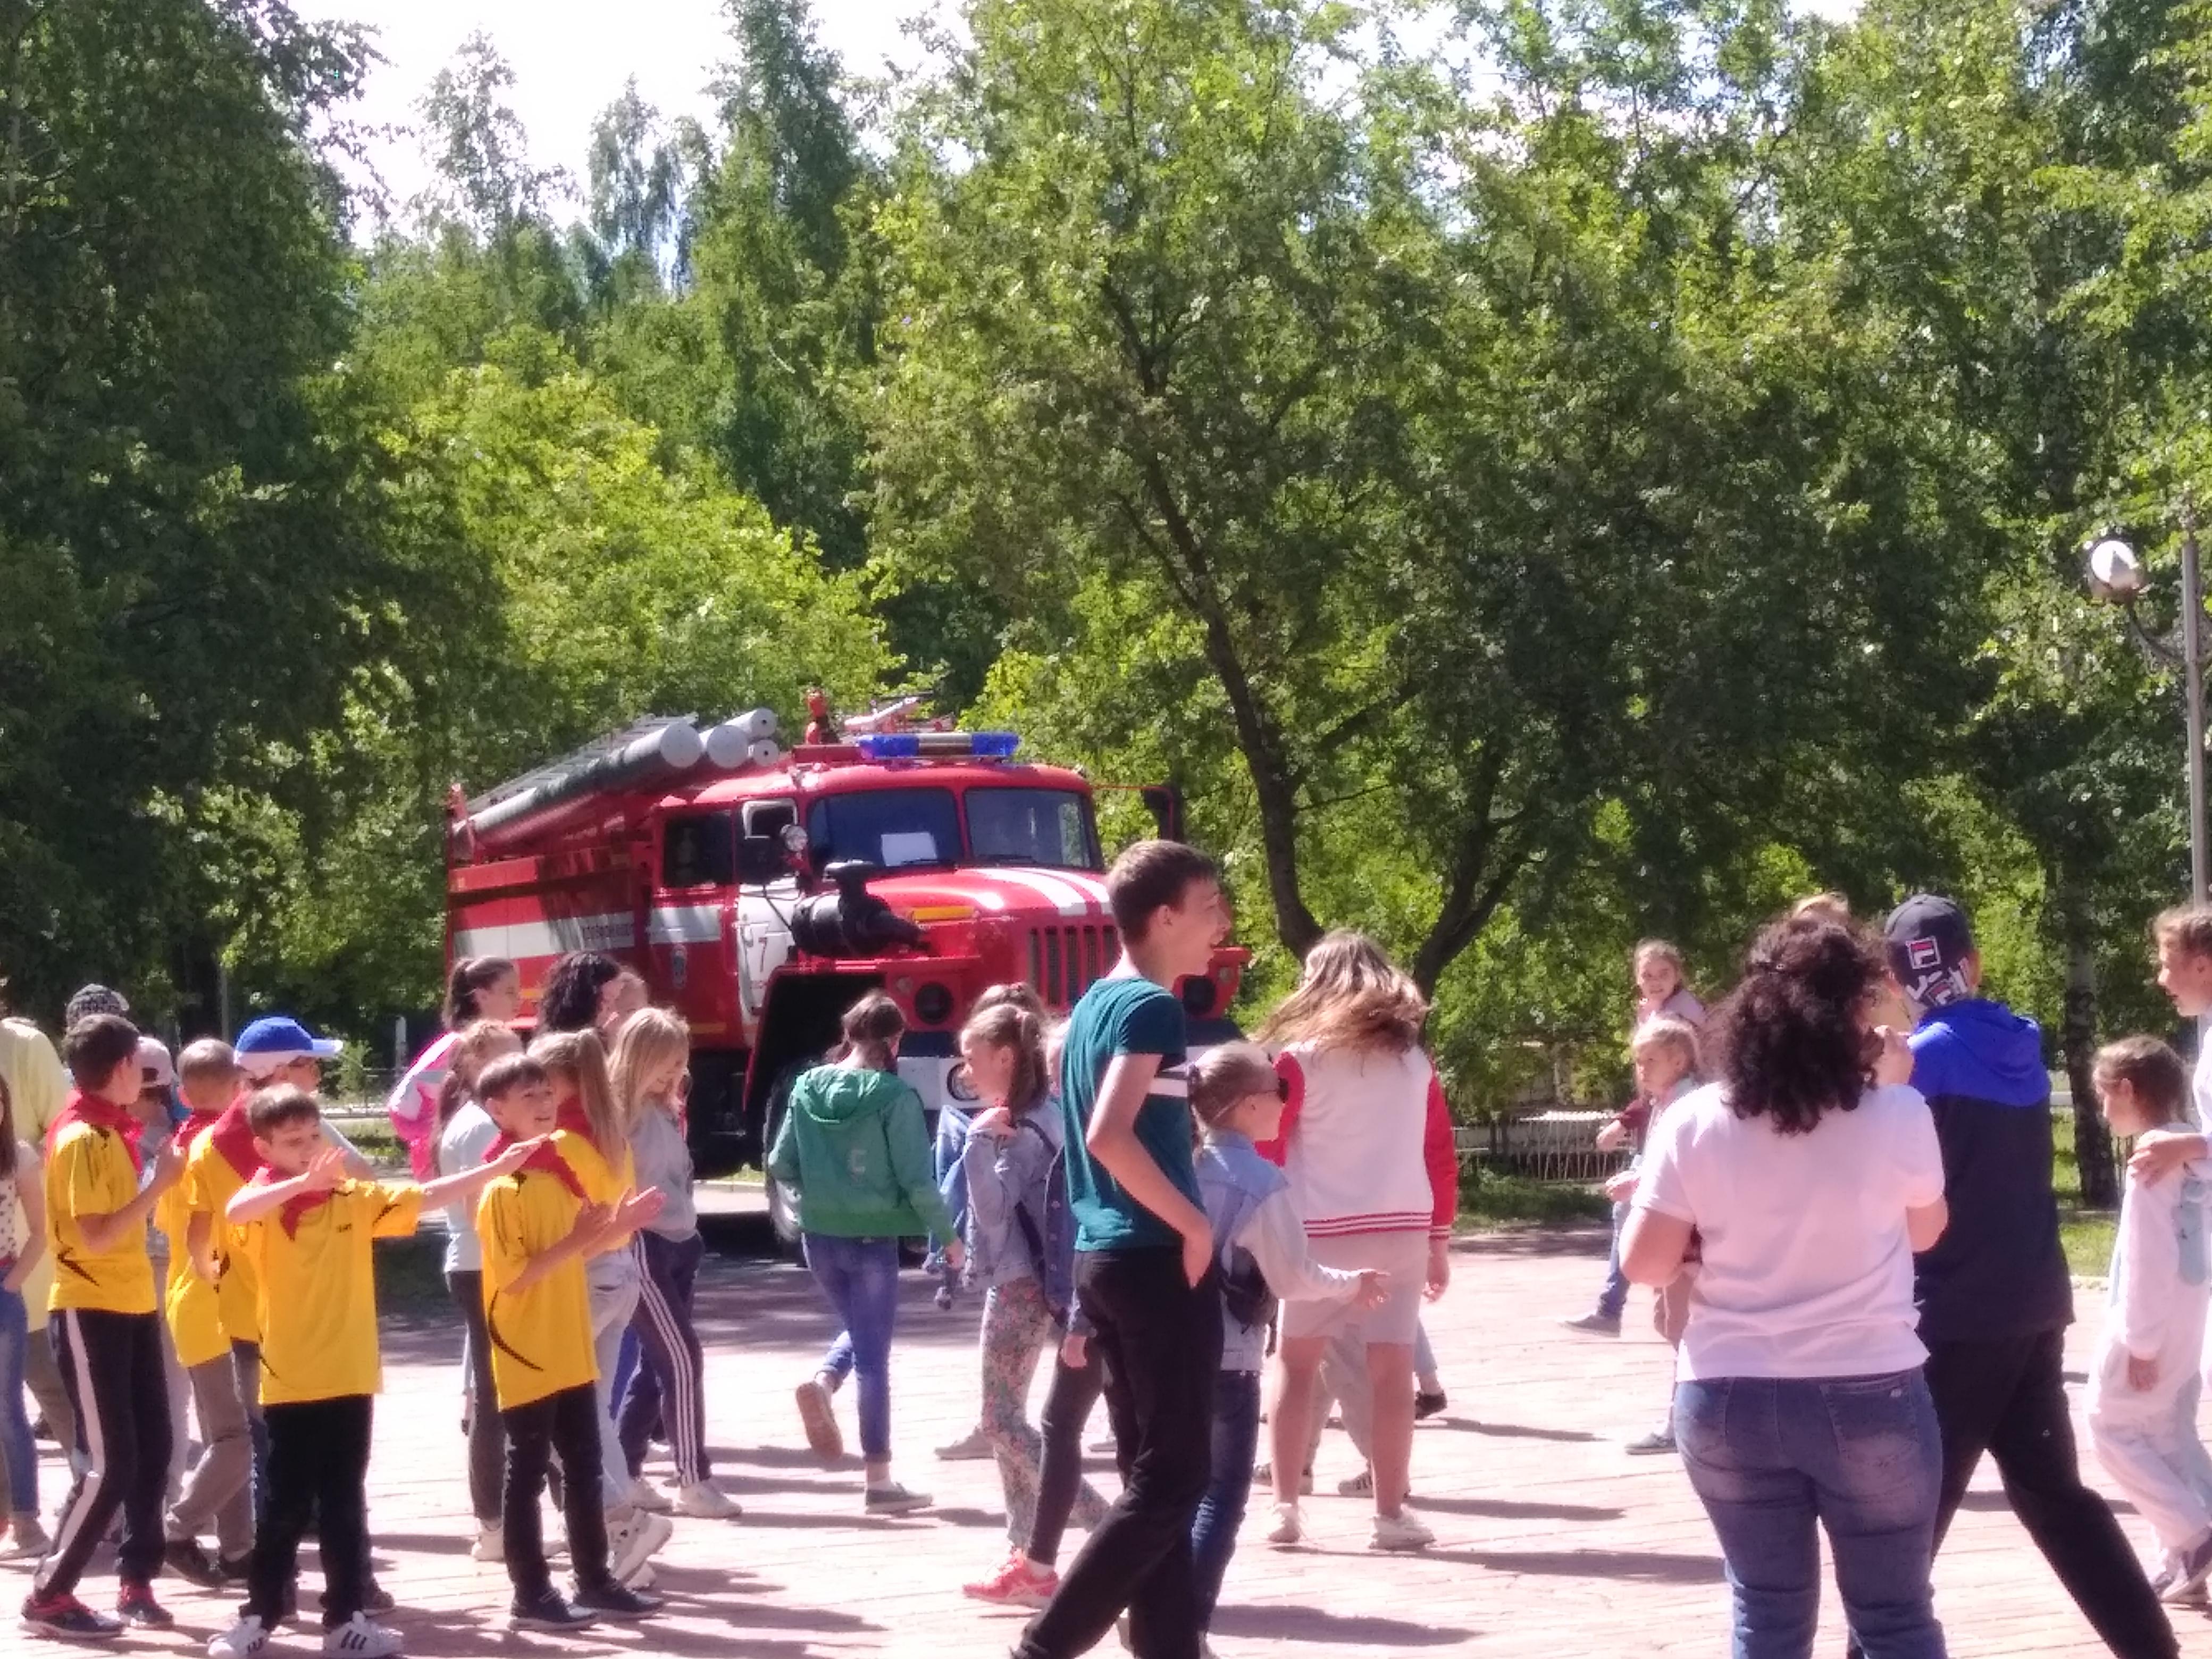 Настоящая пожарная машина всегда вызывает интерес у ребятни